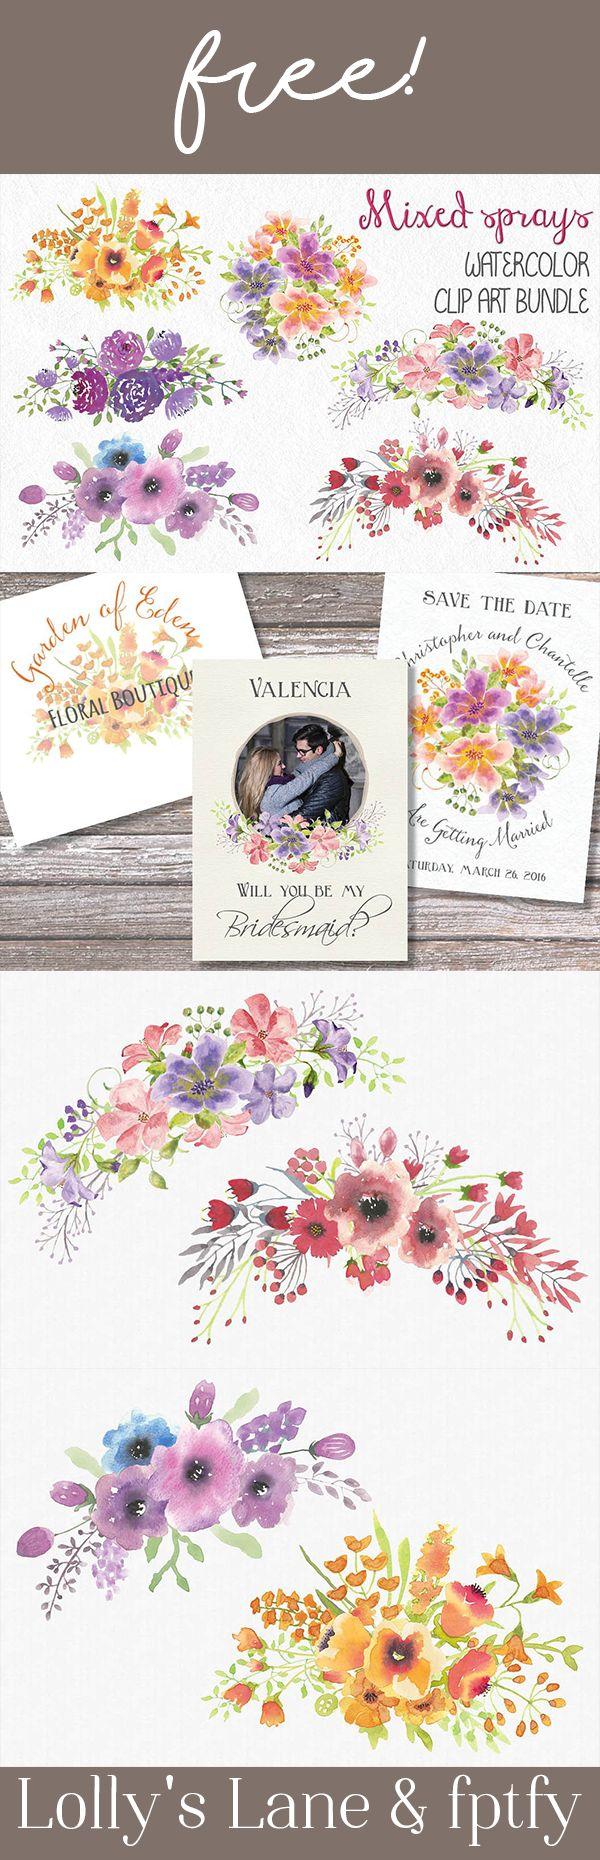 DESIGNER FEATURED: A pista do Lolly + Sprays florais misturados livres! - Livre Coisas Bonitas Para Você